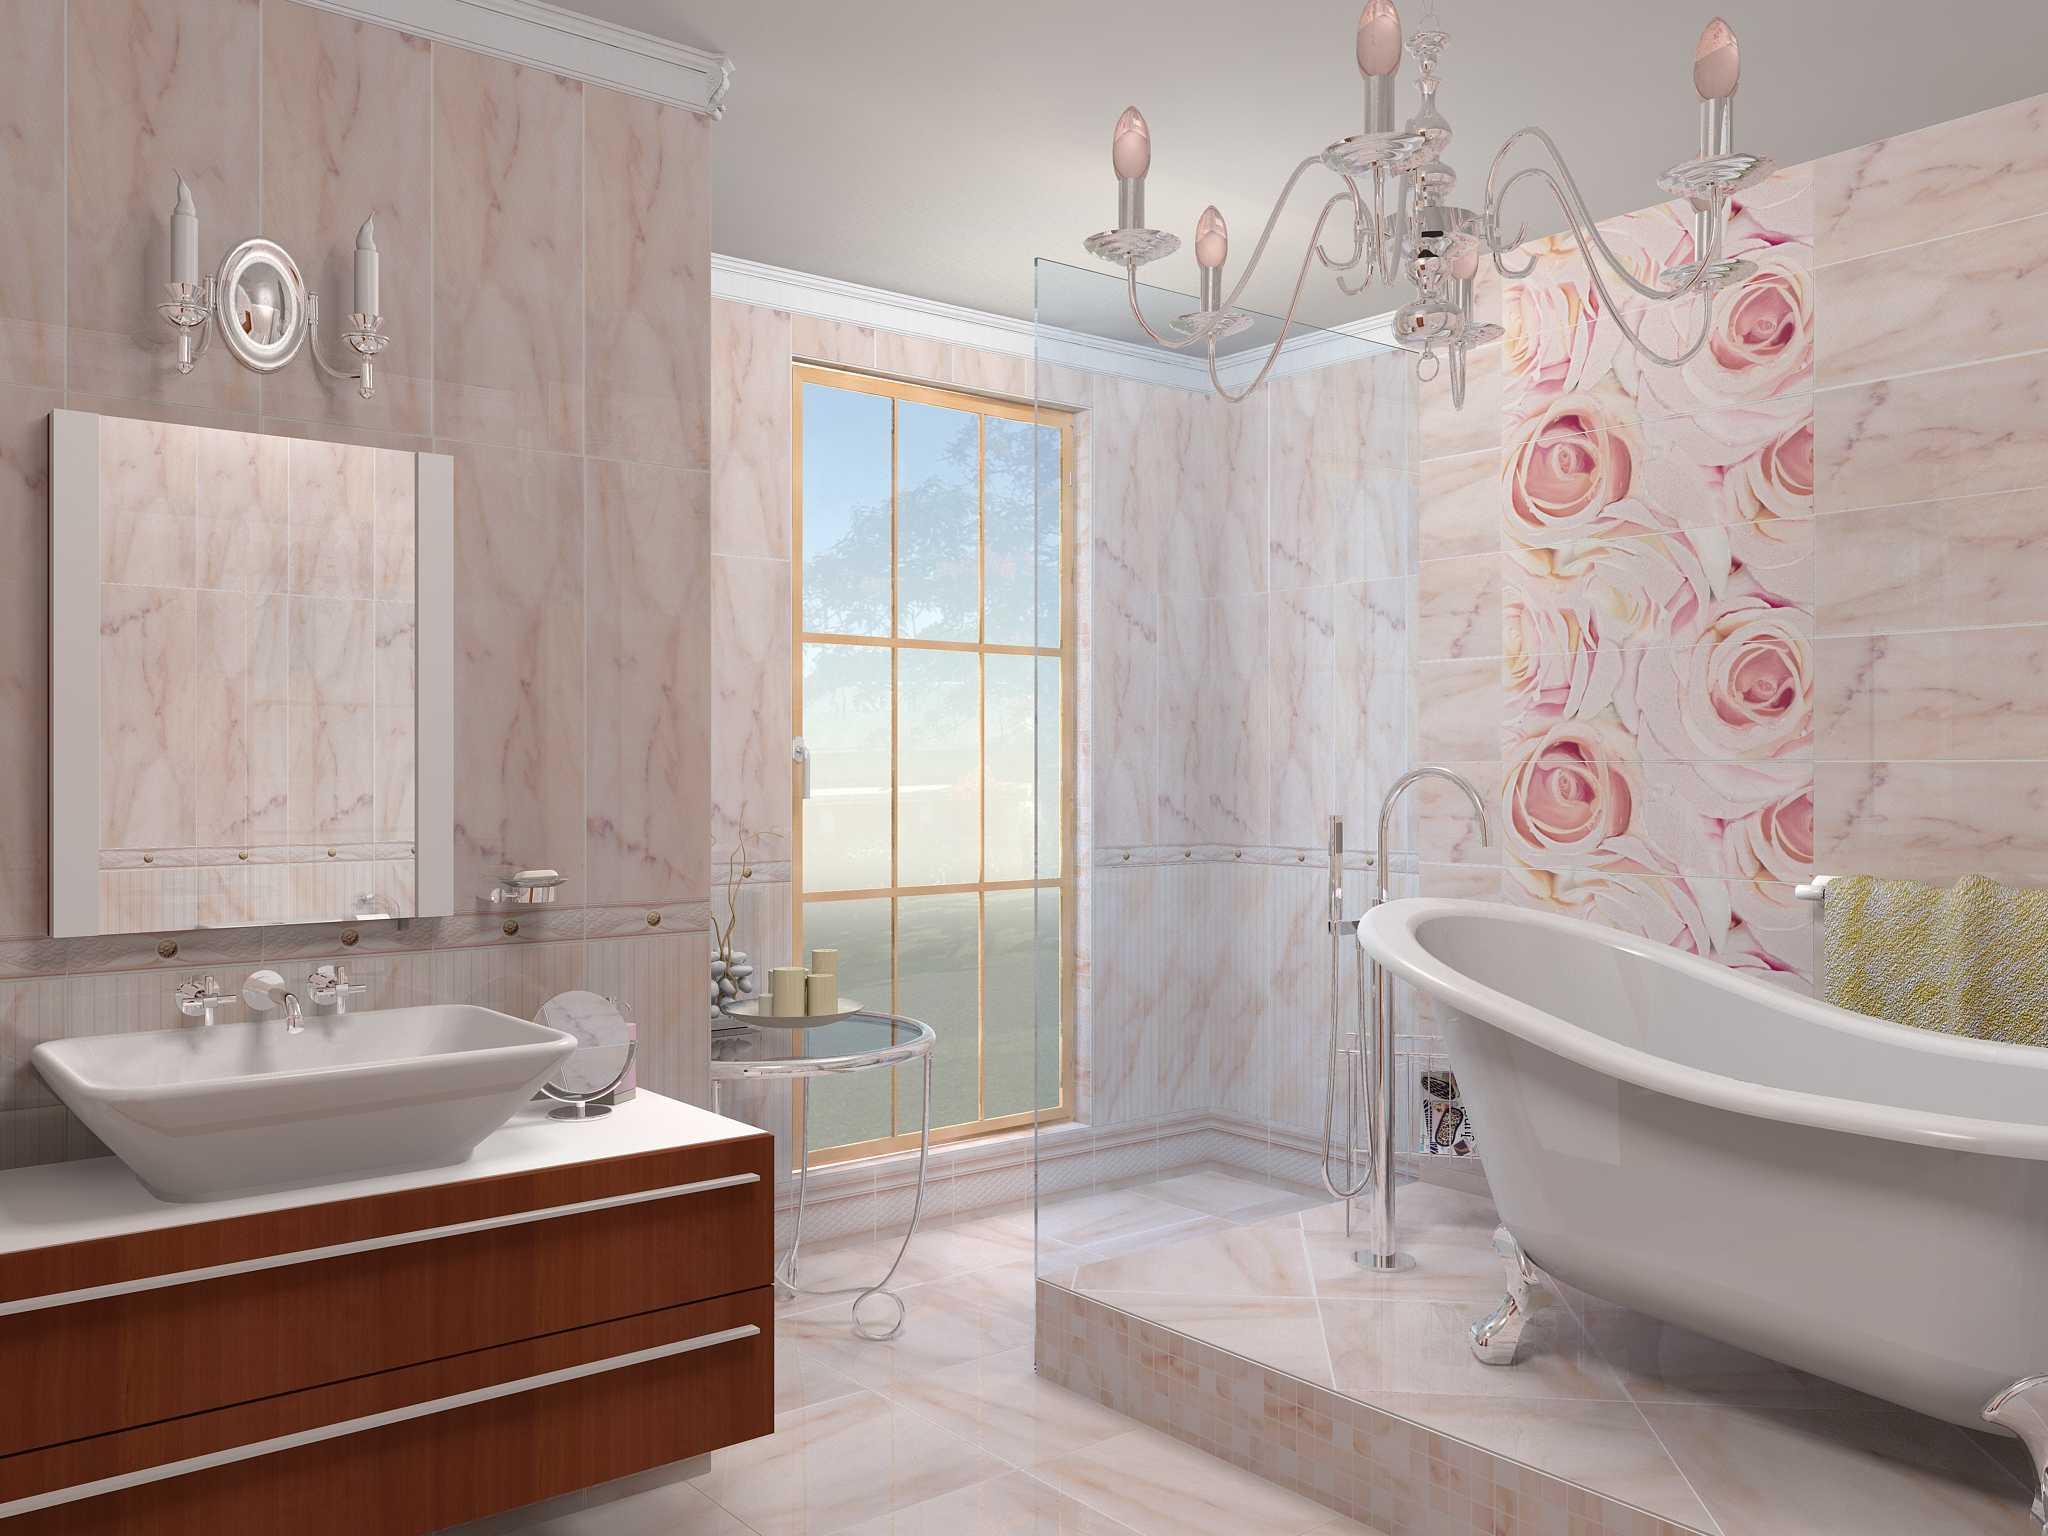 Panele Pcv Do łazienki 53 Zdjęcia Projekt Sufitu Z